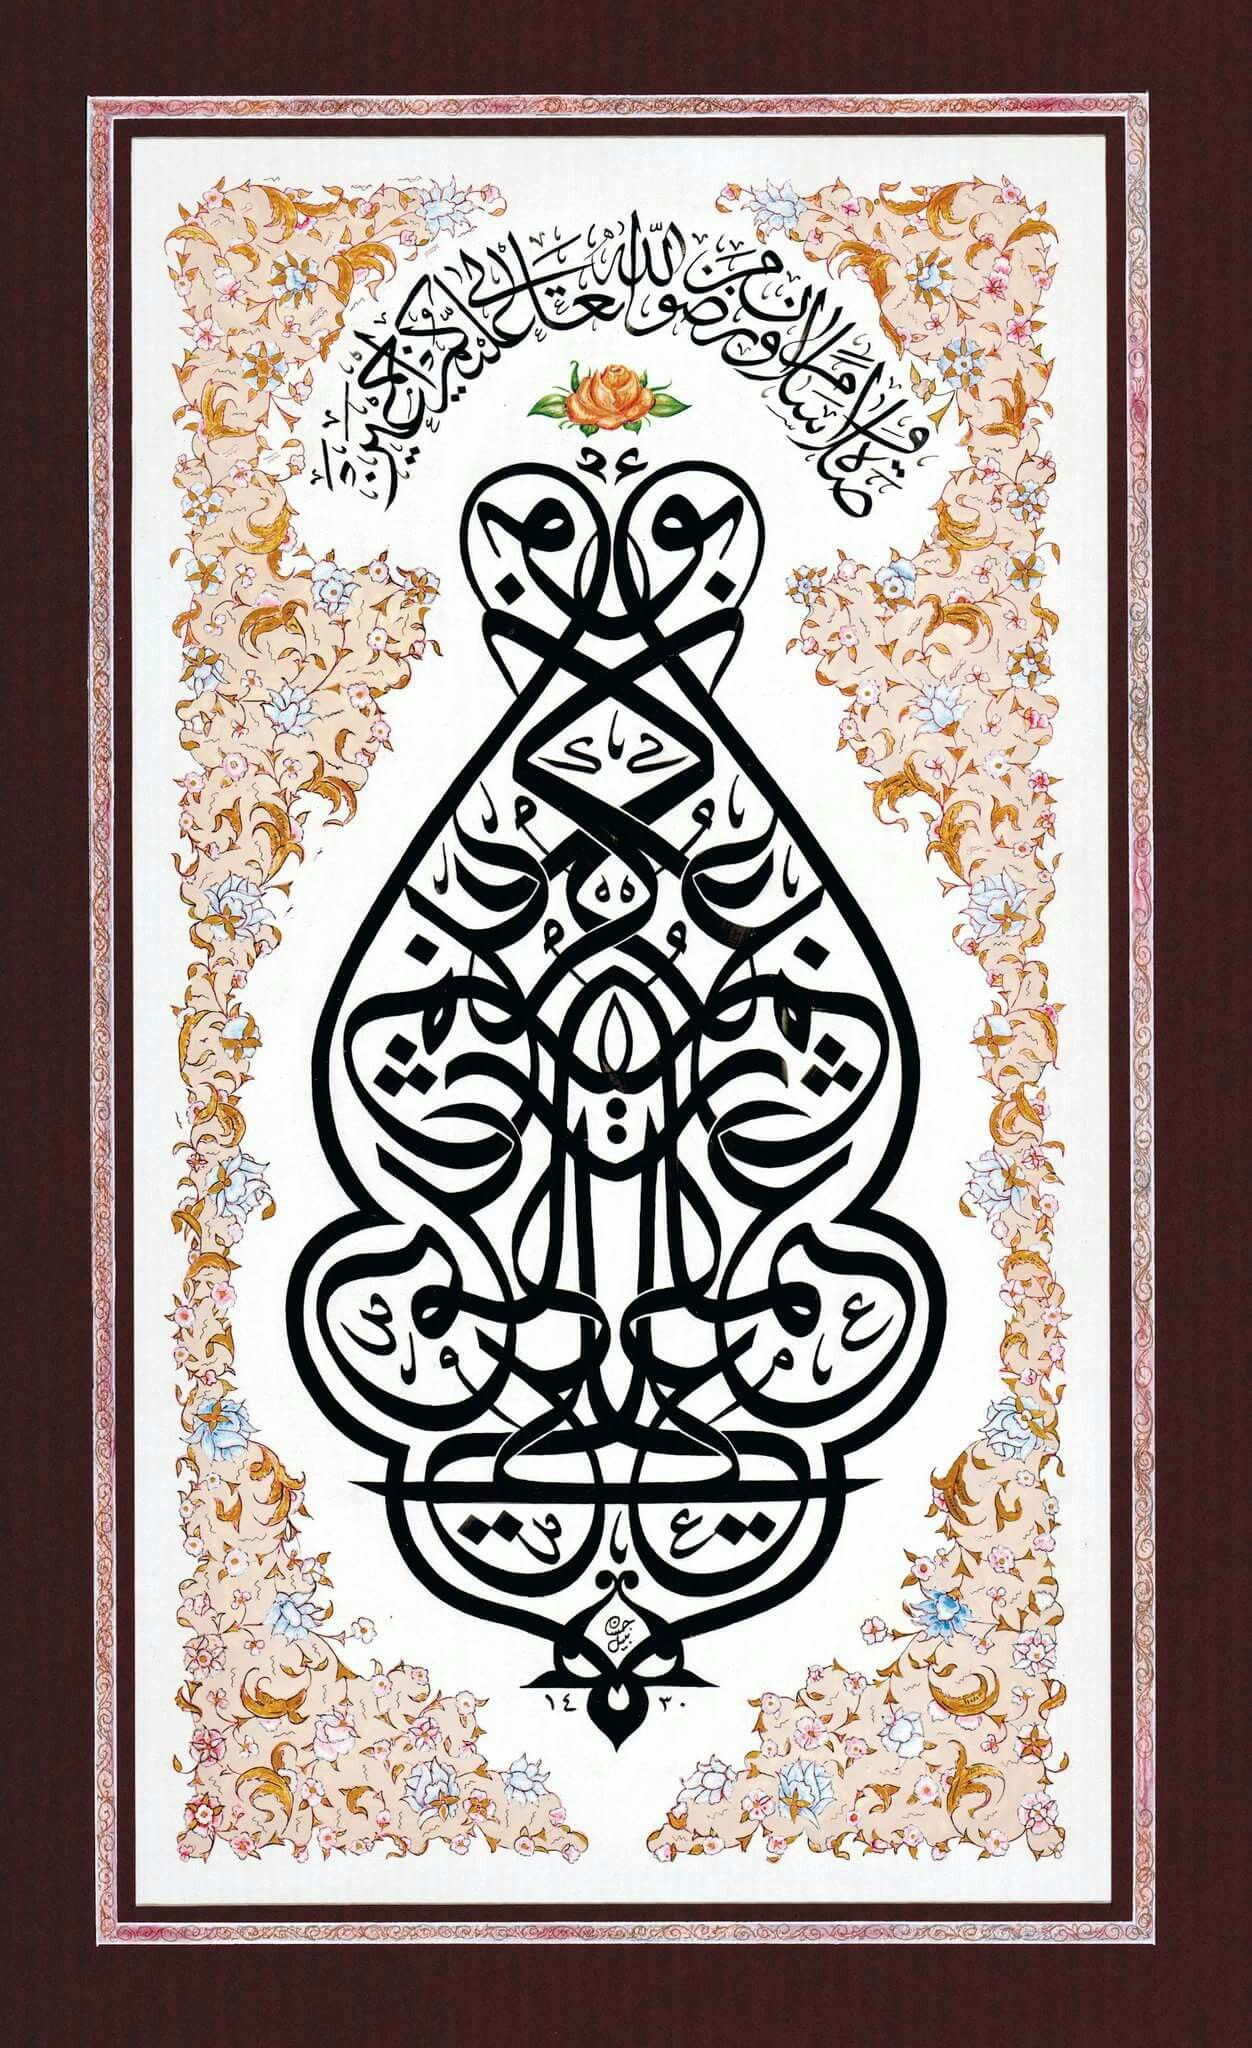 Mehmet Yilmaz tarafından Hat sanatı görüntüsü Islami